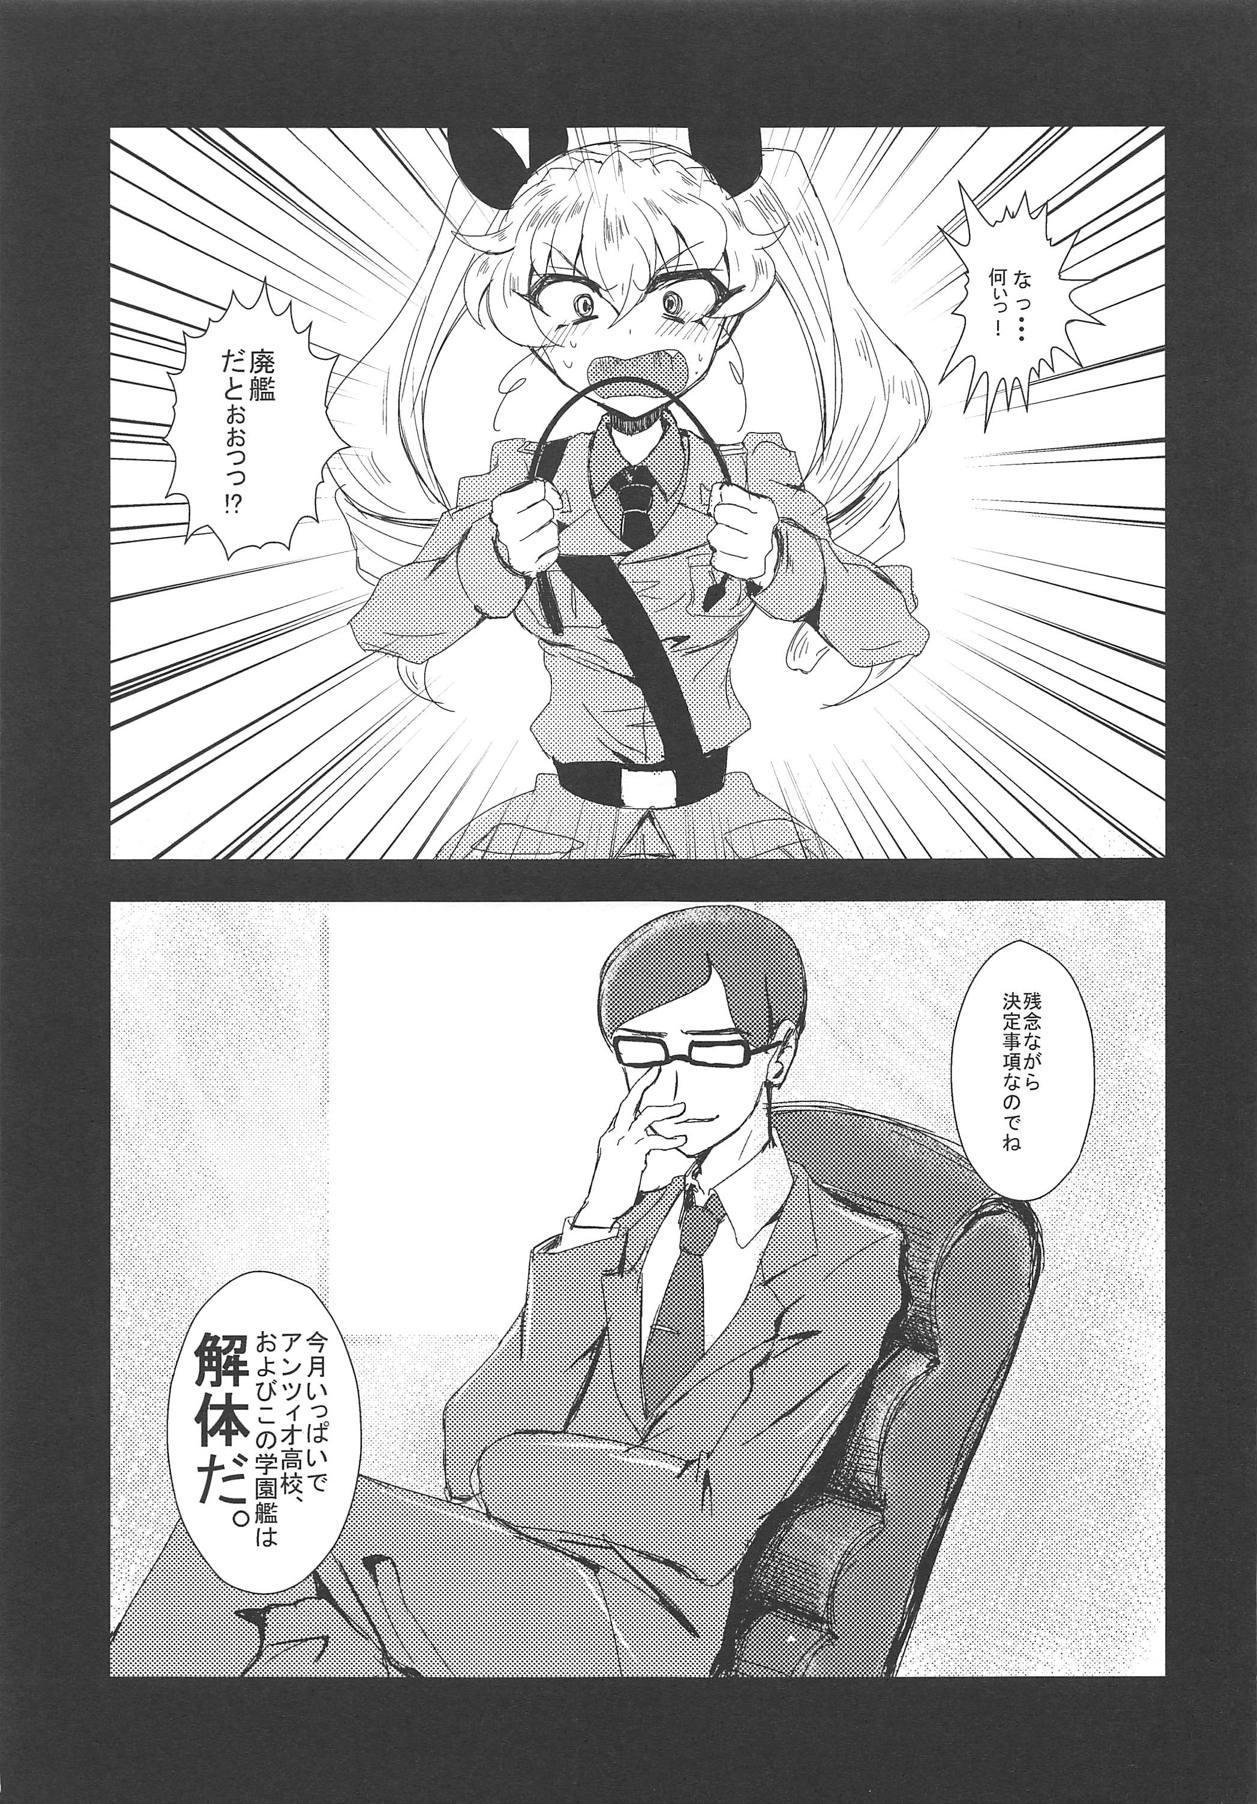 Kore ga Hontou no Anzio-sen desu 3